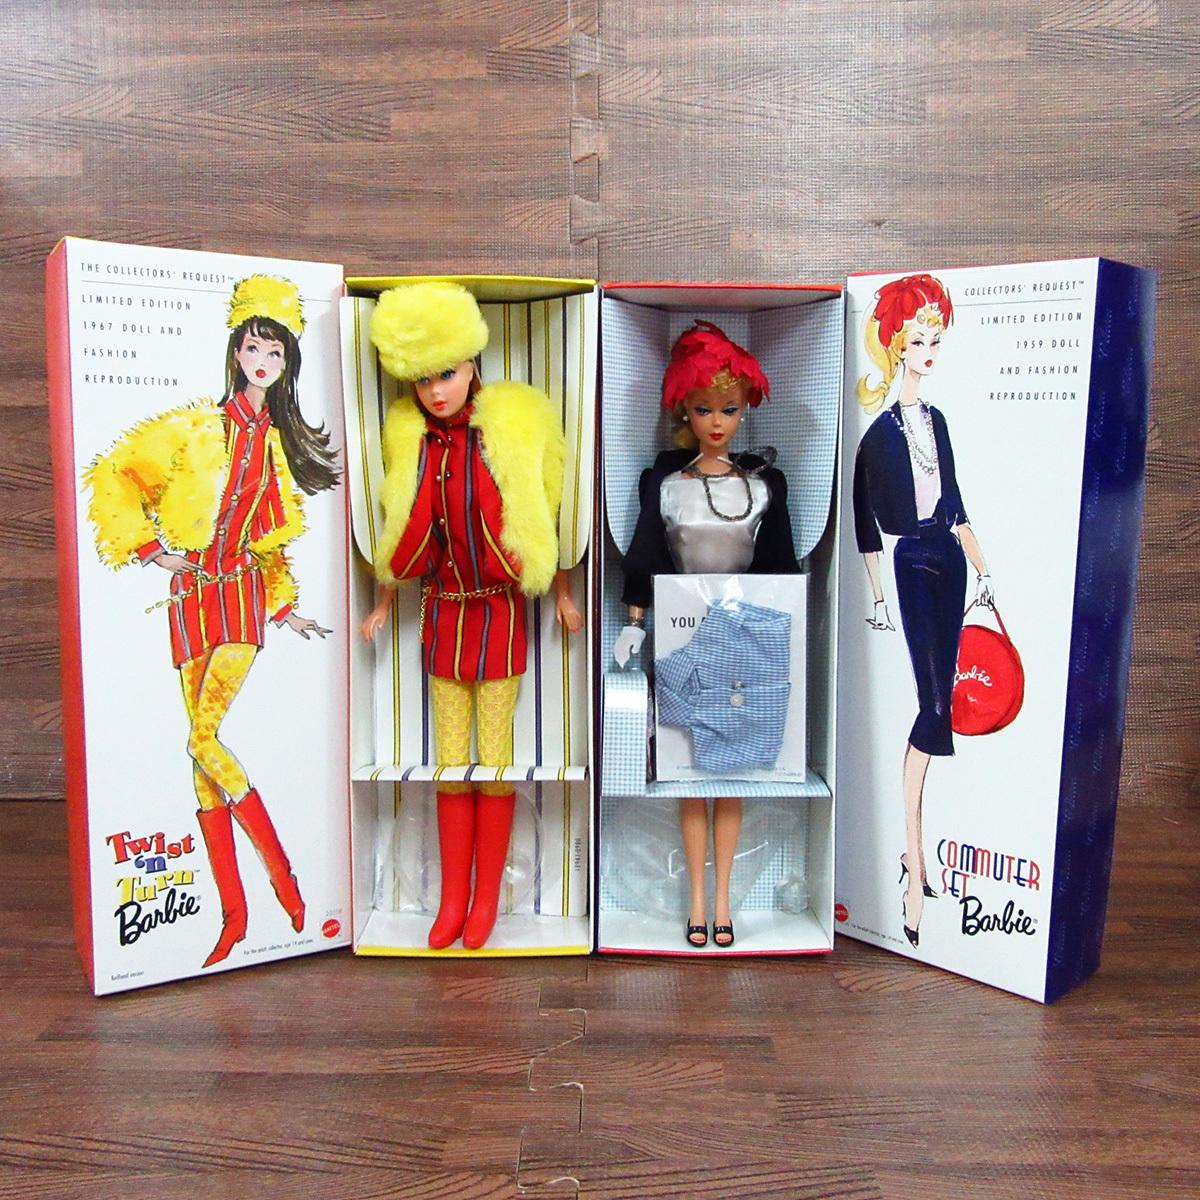 未使用 箱入り Barbie バービー 8点セット MATTEL マテル ドール 人形 8体 まとめ 玩具 東E_画像3